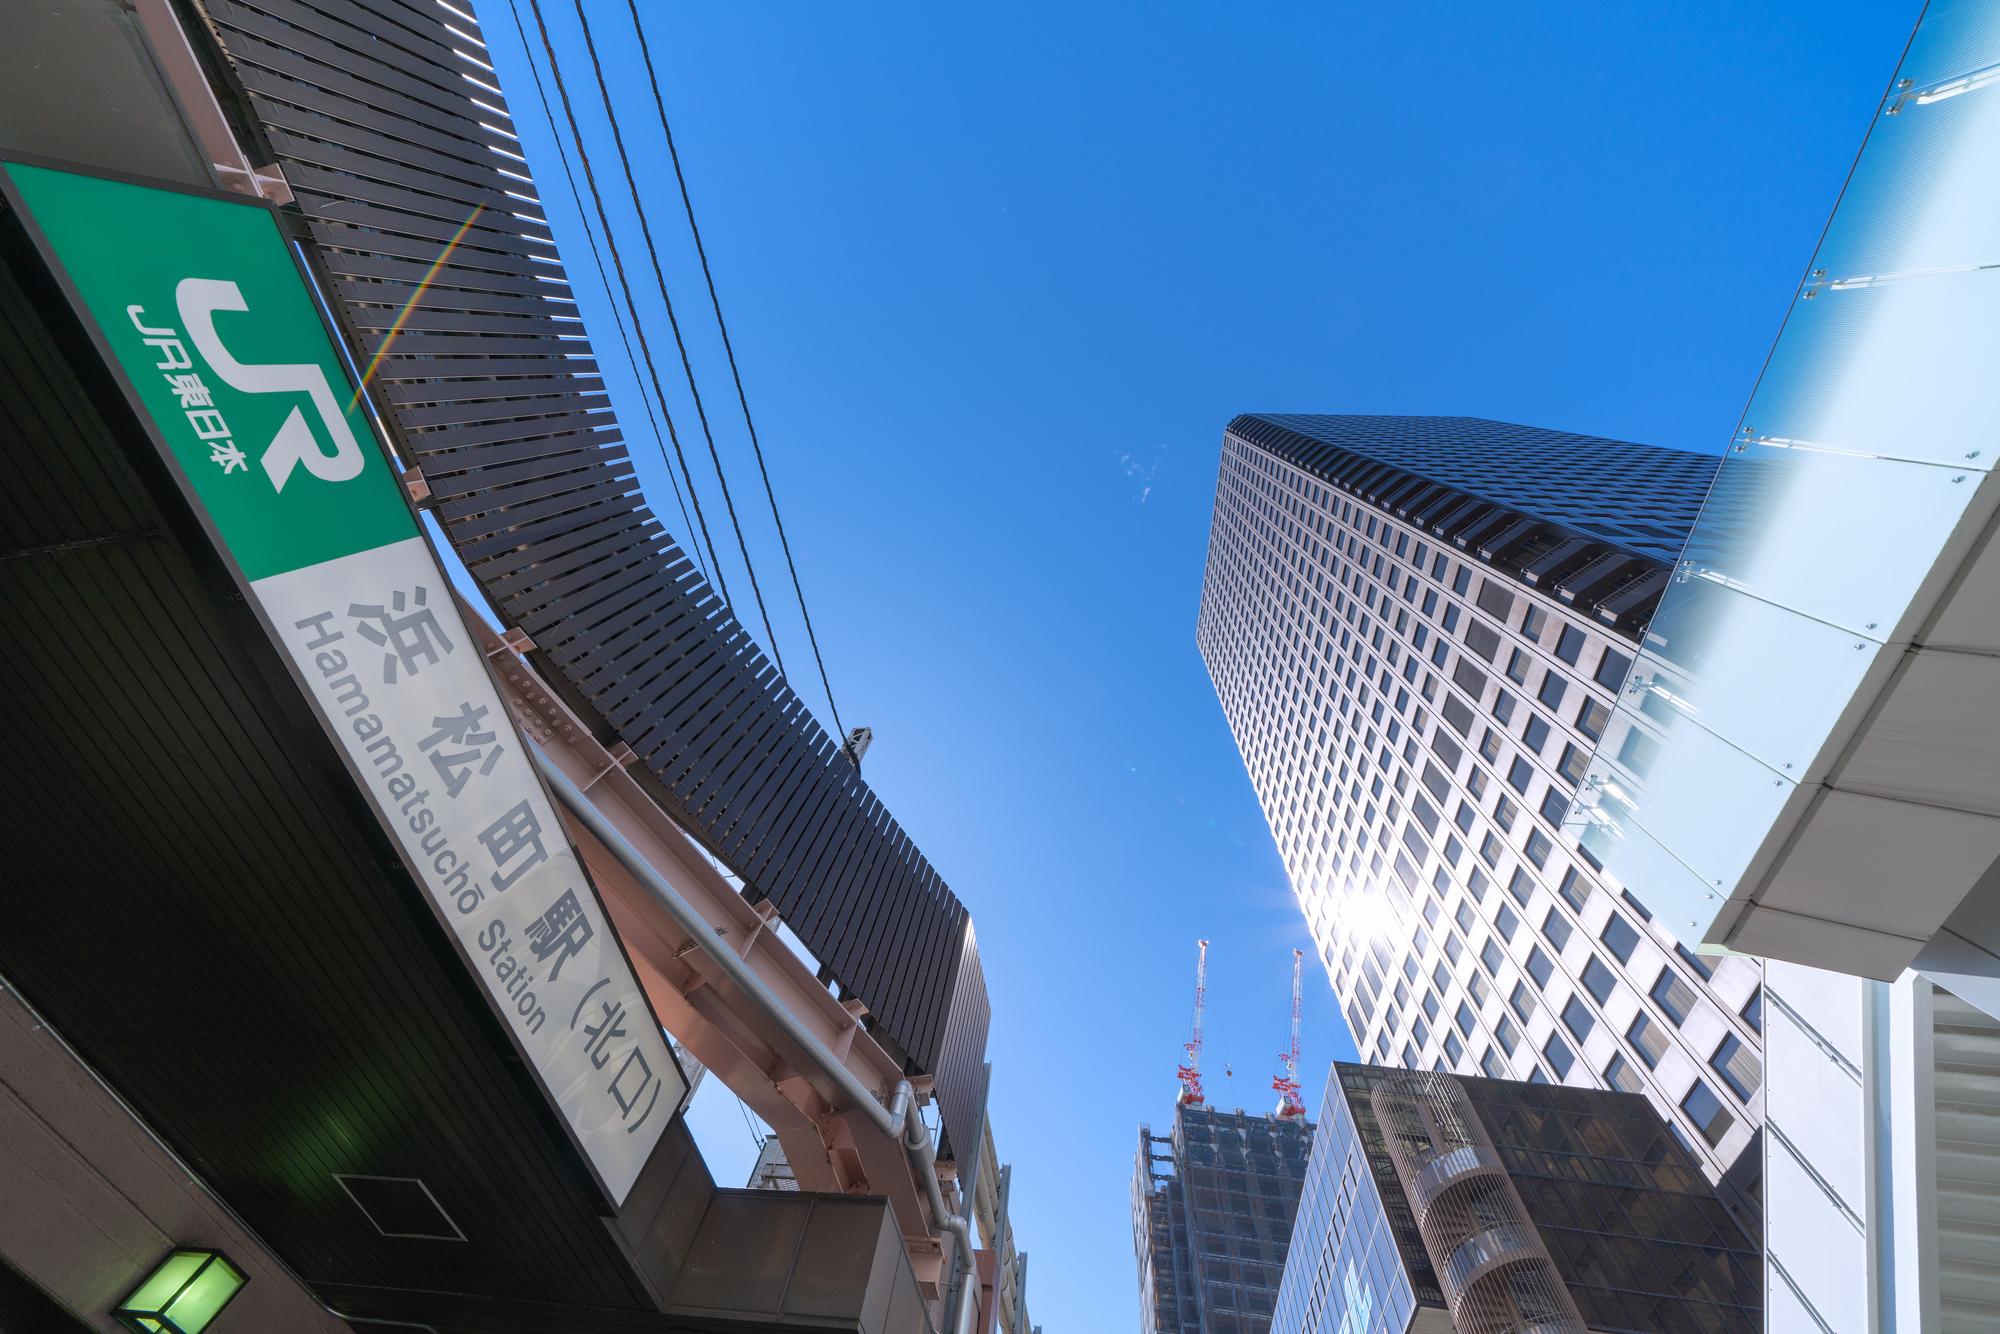 【18時可】浜松町駅近くで夕方診療している歯医者3院のおすすめポイント